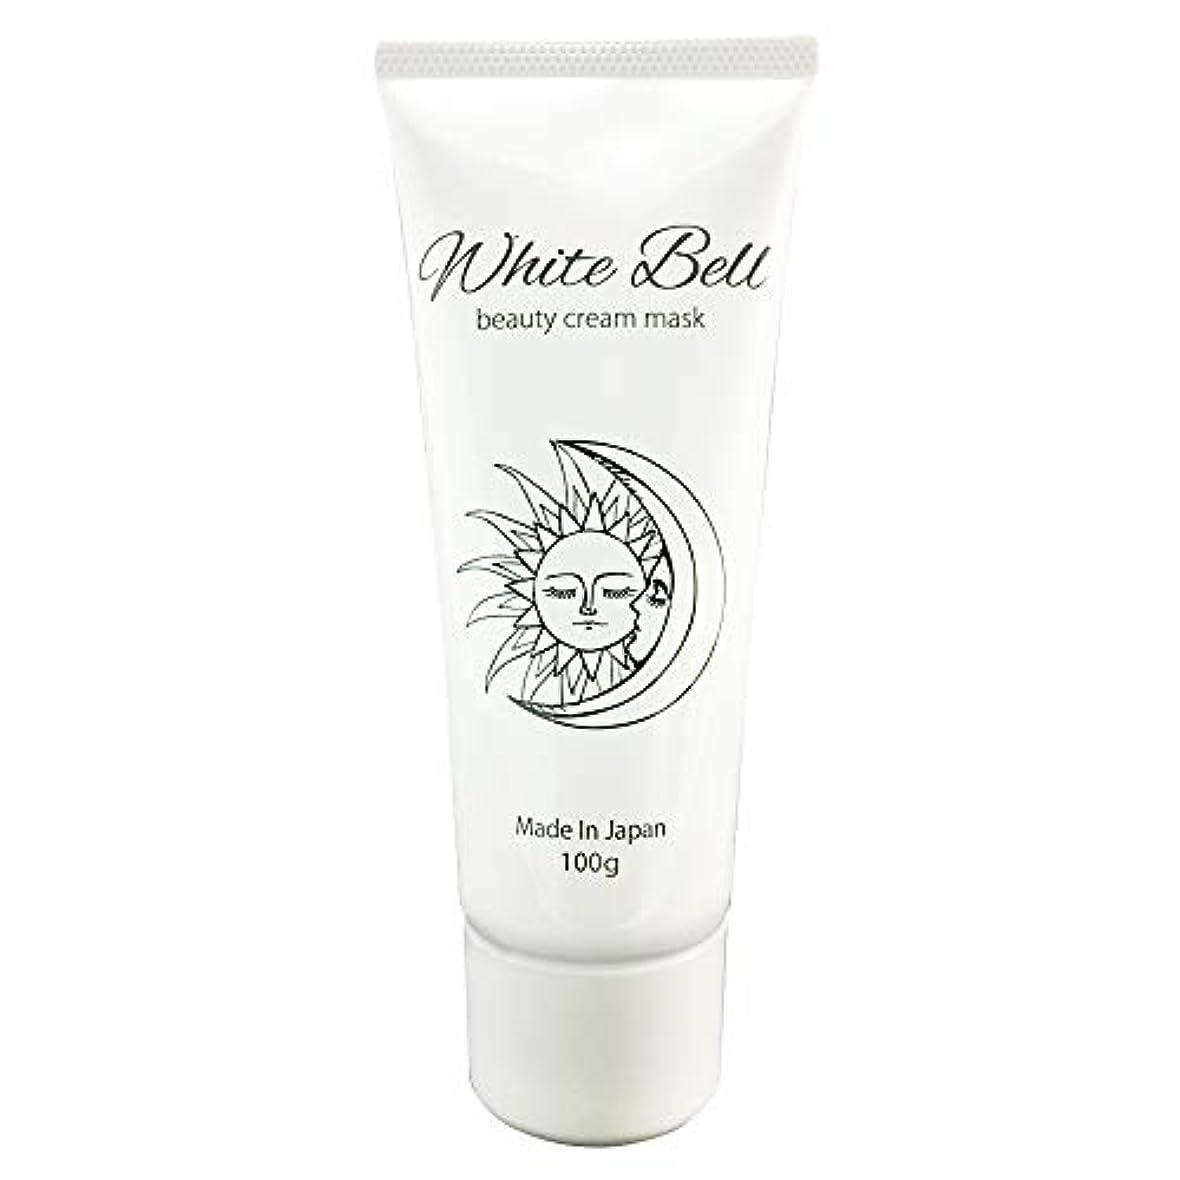 斧羊の服を着た狼気質ホワイトベル ビューティークリームマスク White-Bell beauty cream mask ナイトクリーム オールインワン